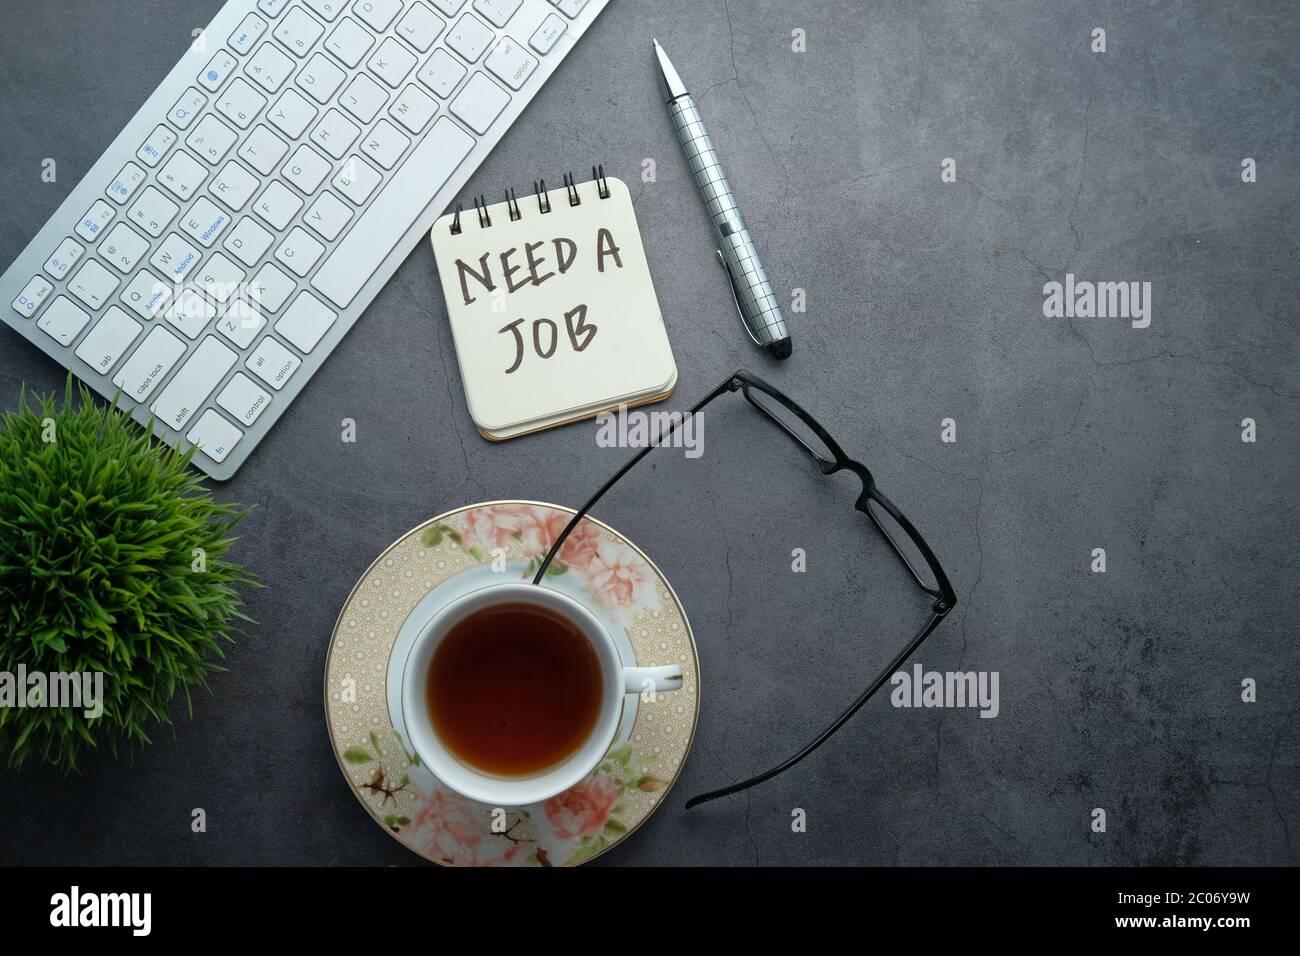 Necesita un trabajo, buscando. Texto en el escritorio de la oficina con espacio para copias. Foto de stock